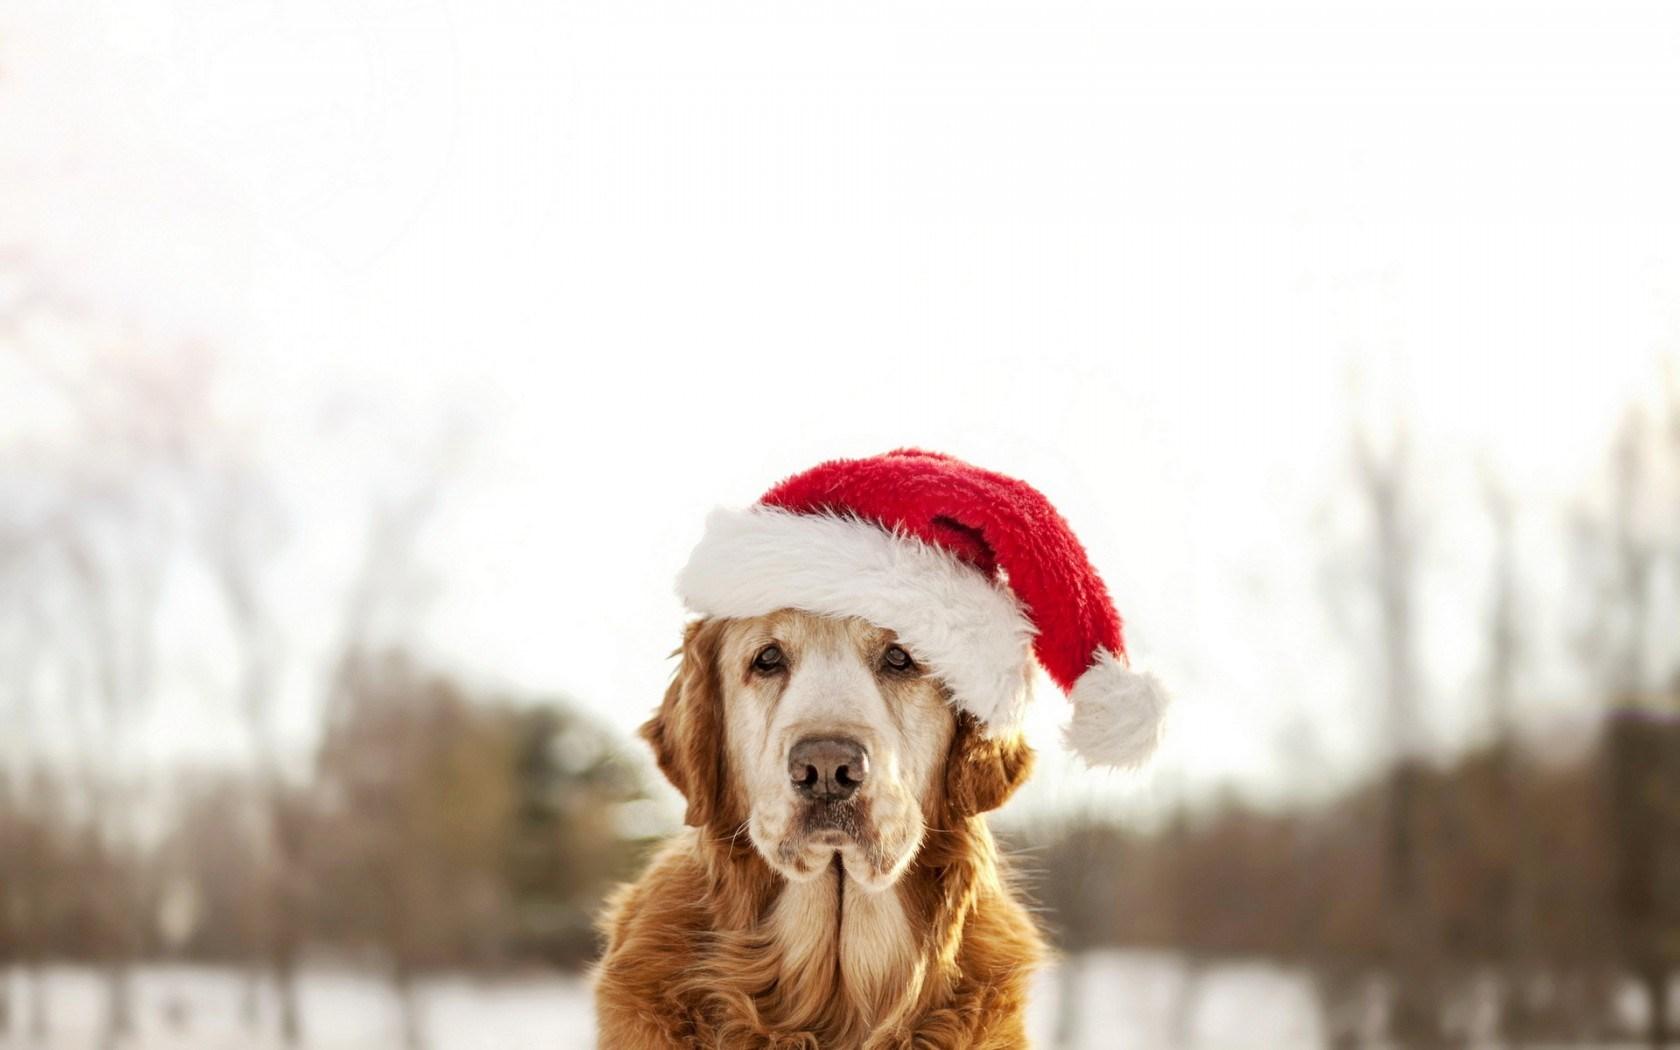 fondos-de-escritorio-de-perritos-navidenos